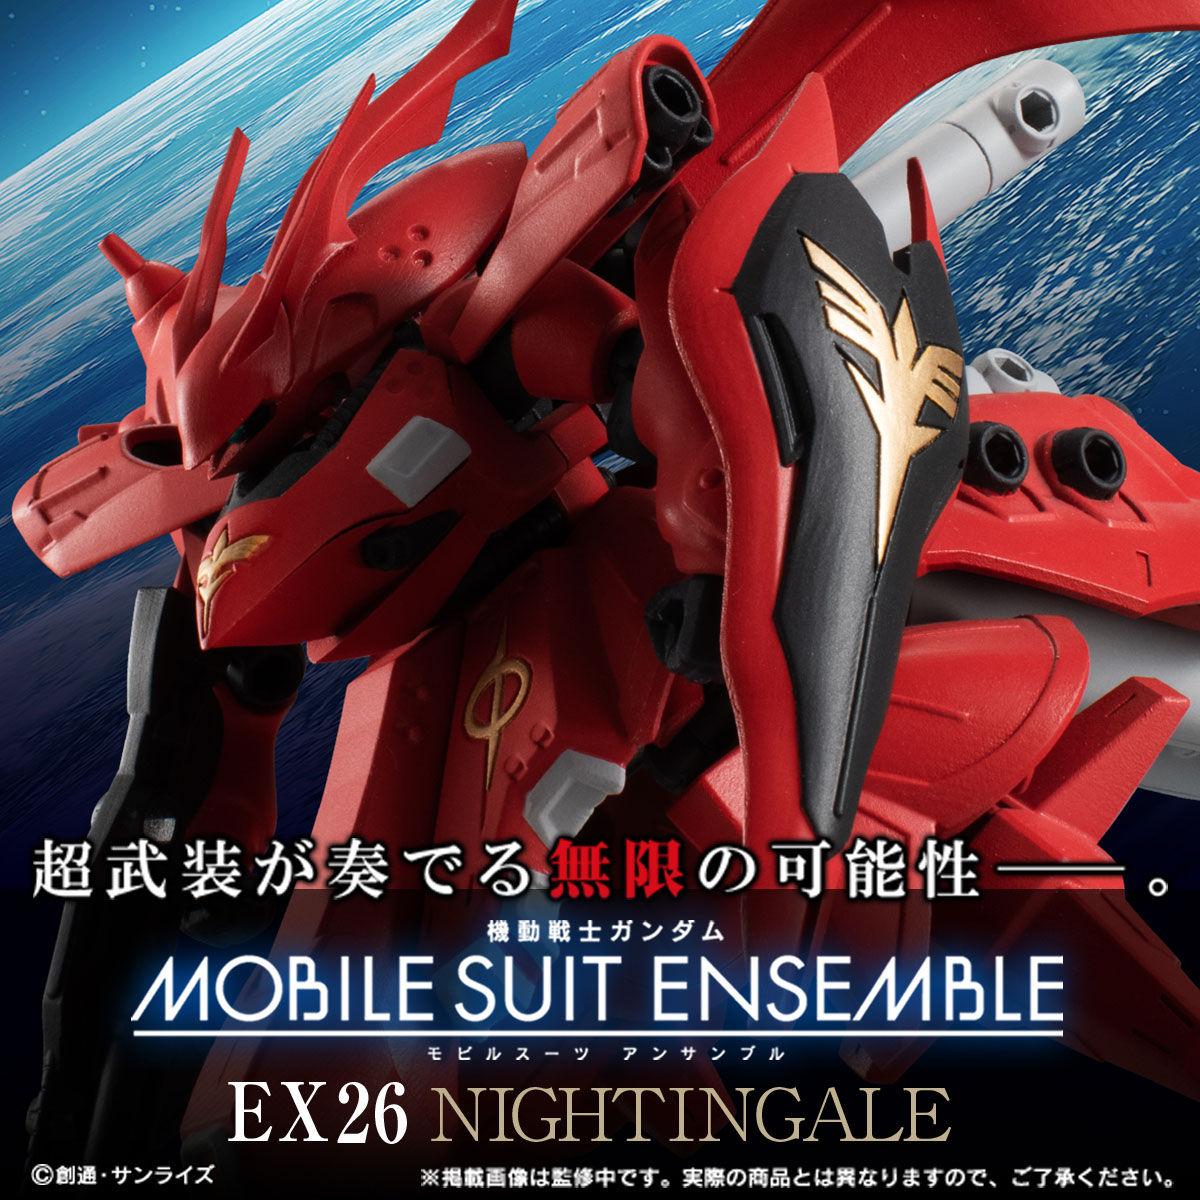 【限定販売】MOBILE SUIT ENSEMBLE『EX27 Hi-νガンダムセット』デフォルメ可動フィギュア-009